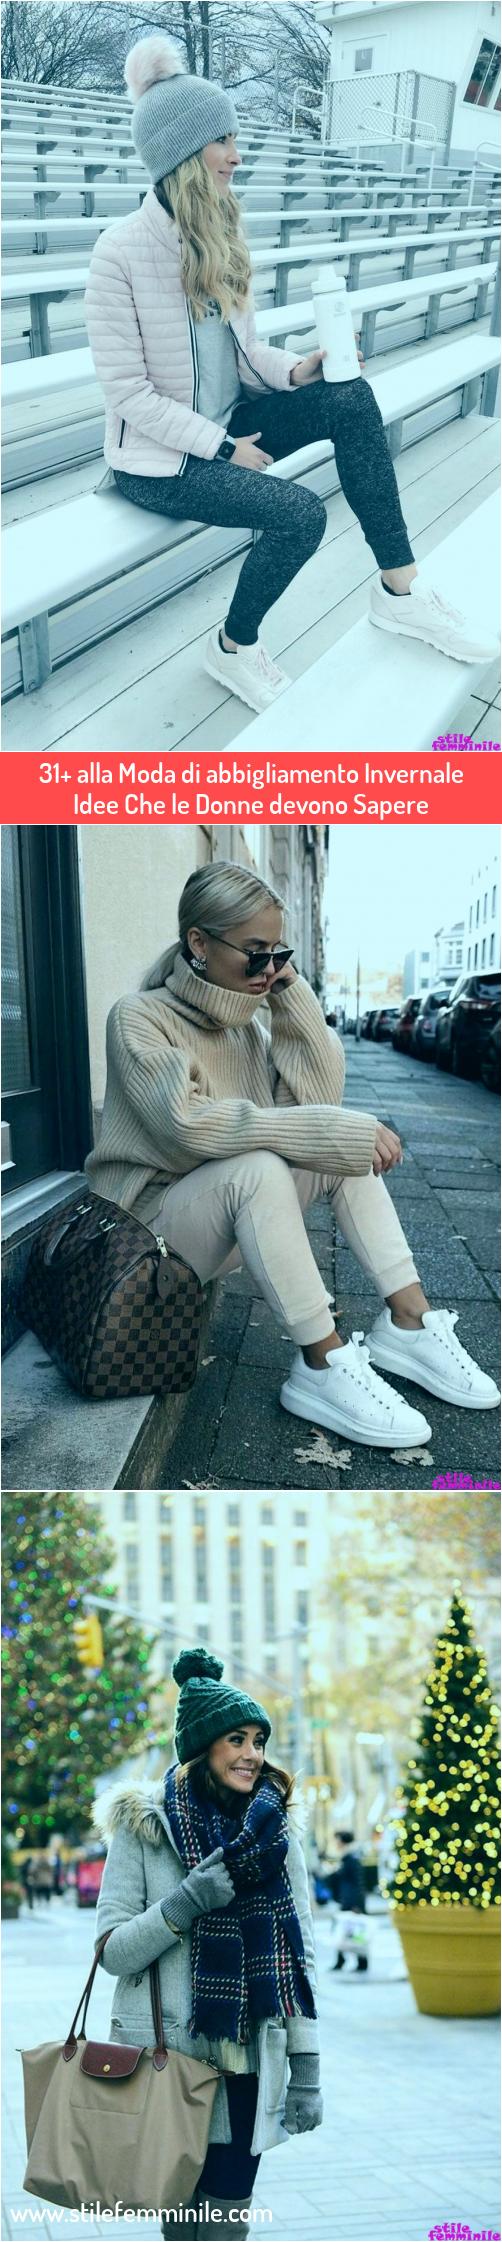 Photo of 31+ idee di abbigliamento invernale alla moda che le donne dovrebbero sapere